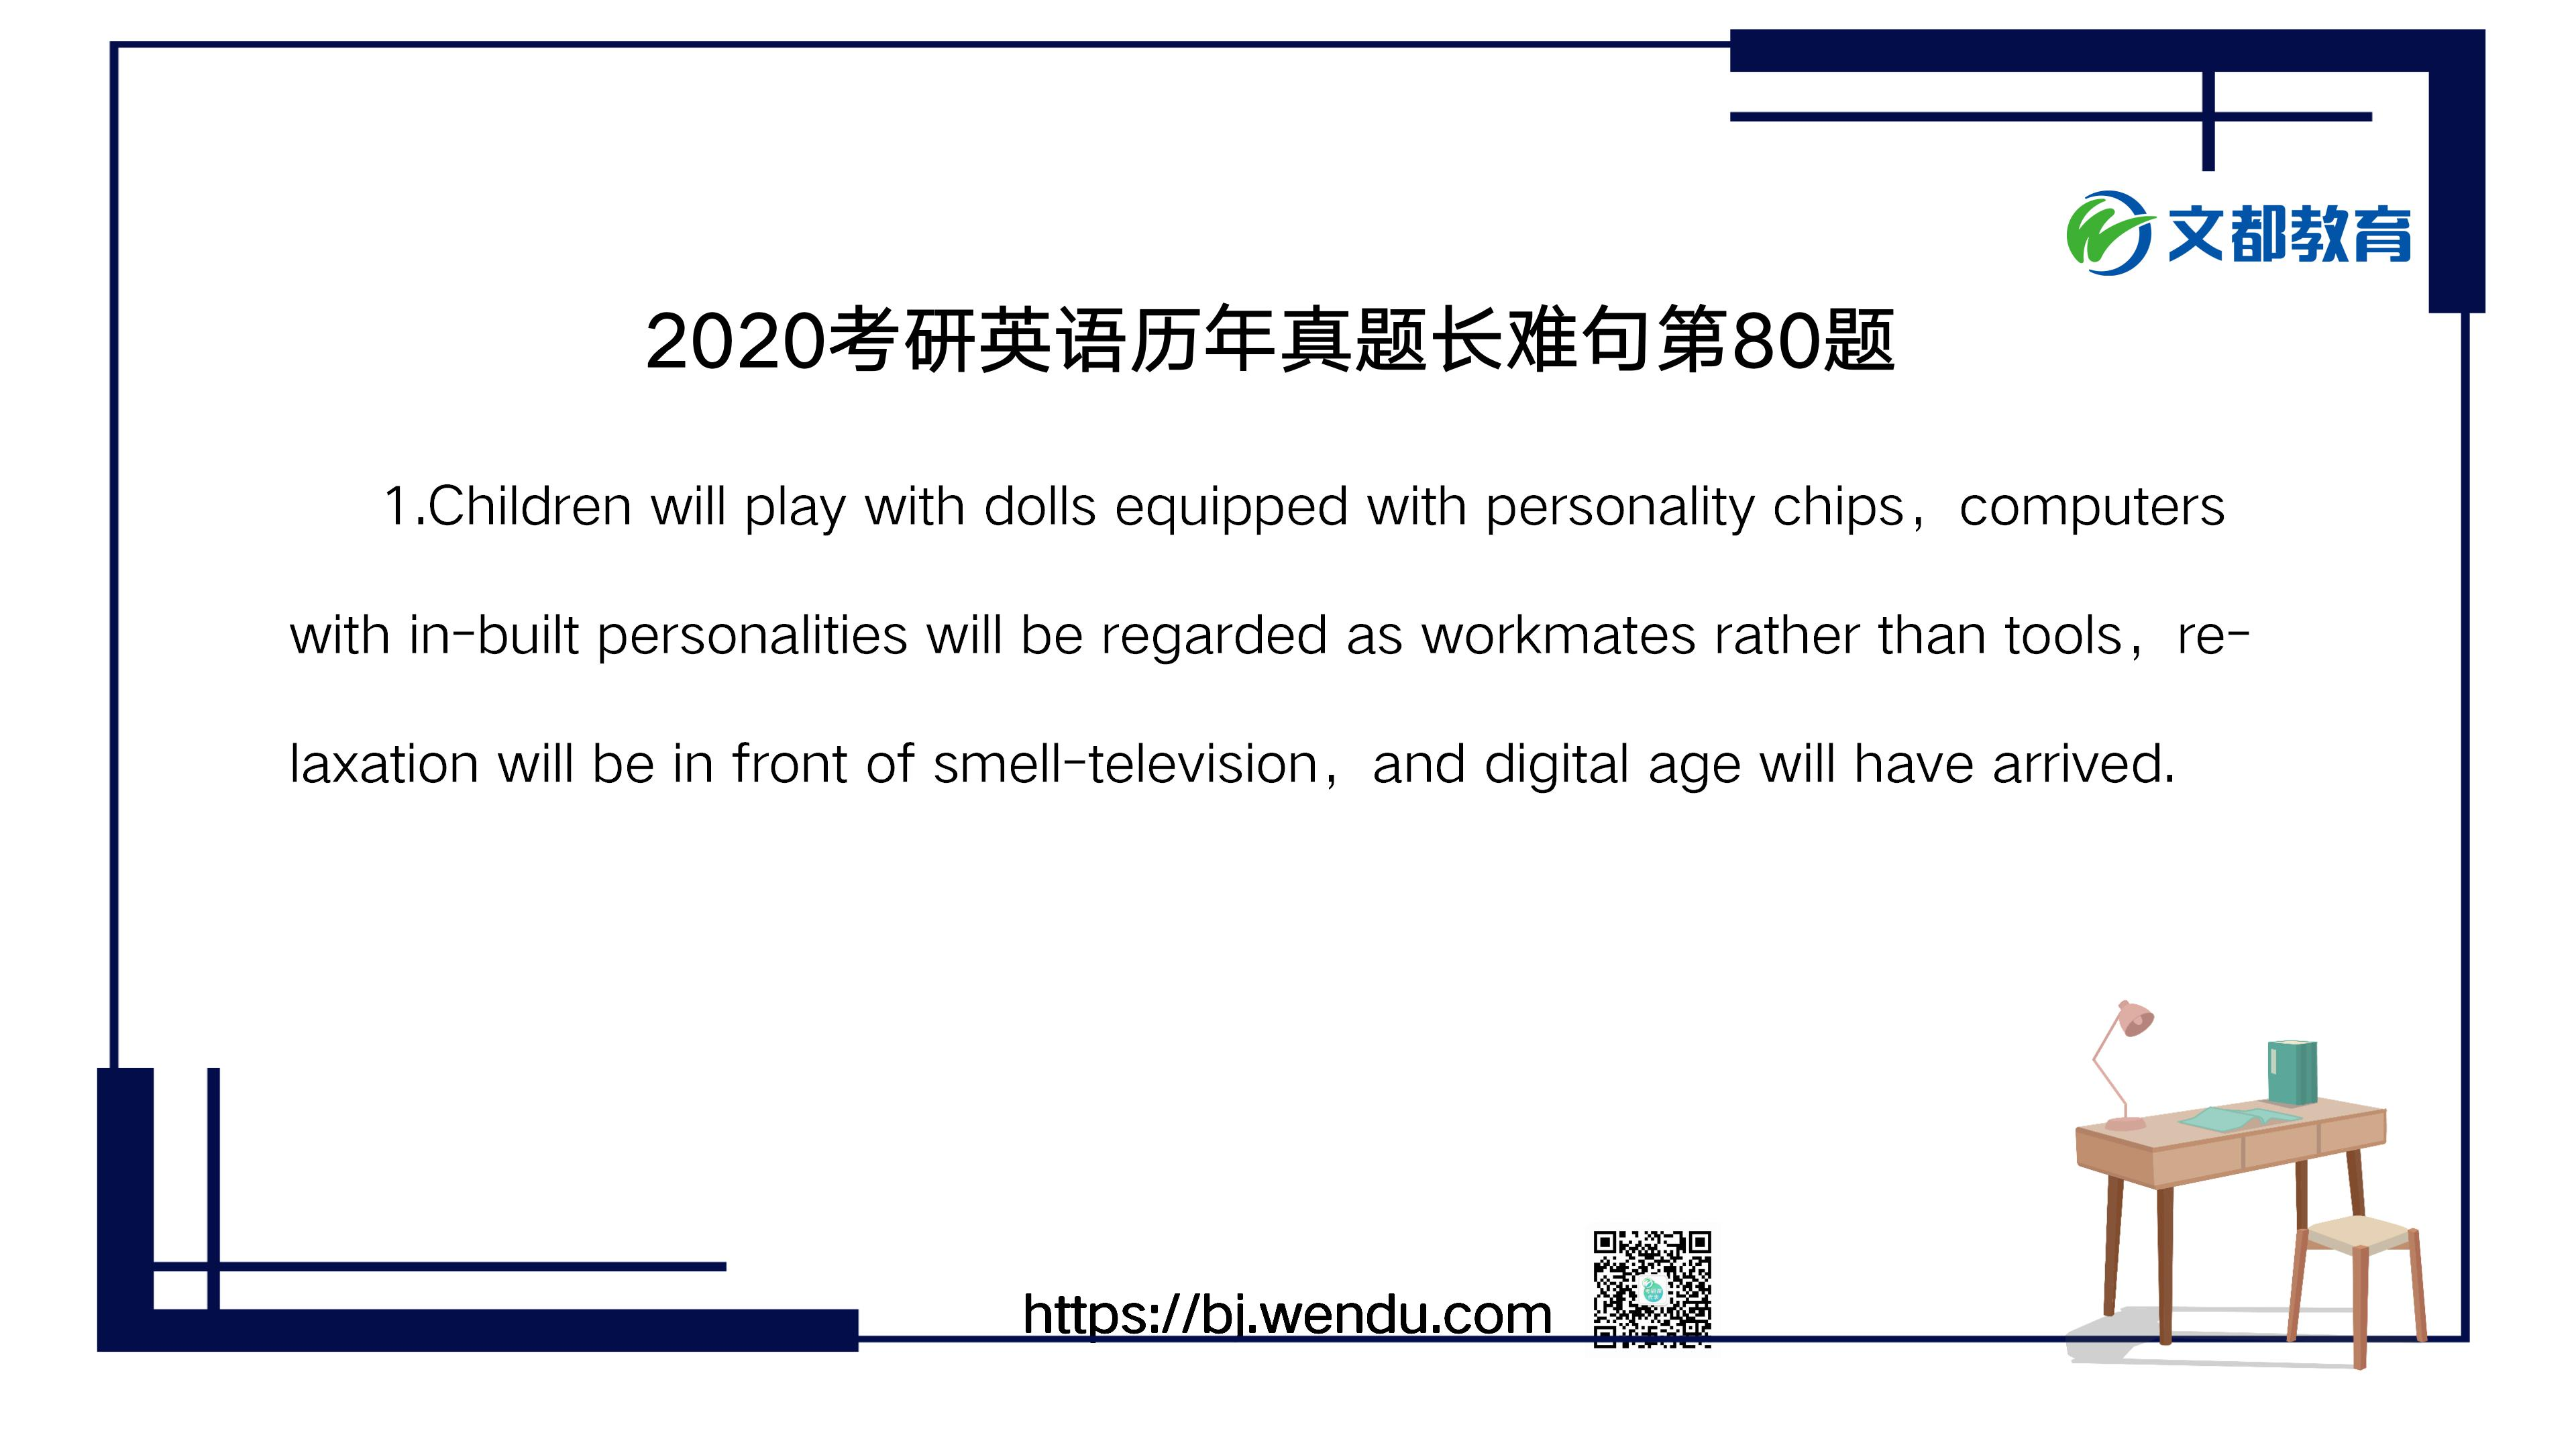 2020考研英语历年真题长难句第80题